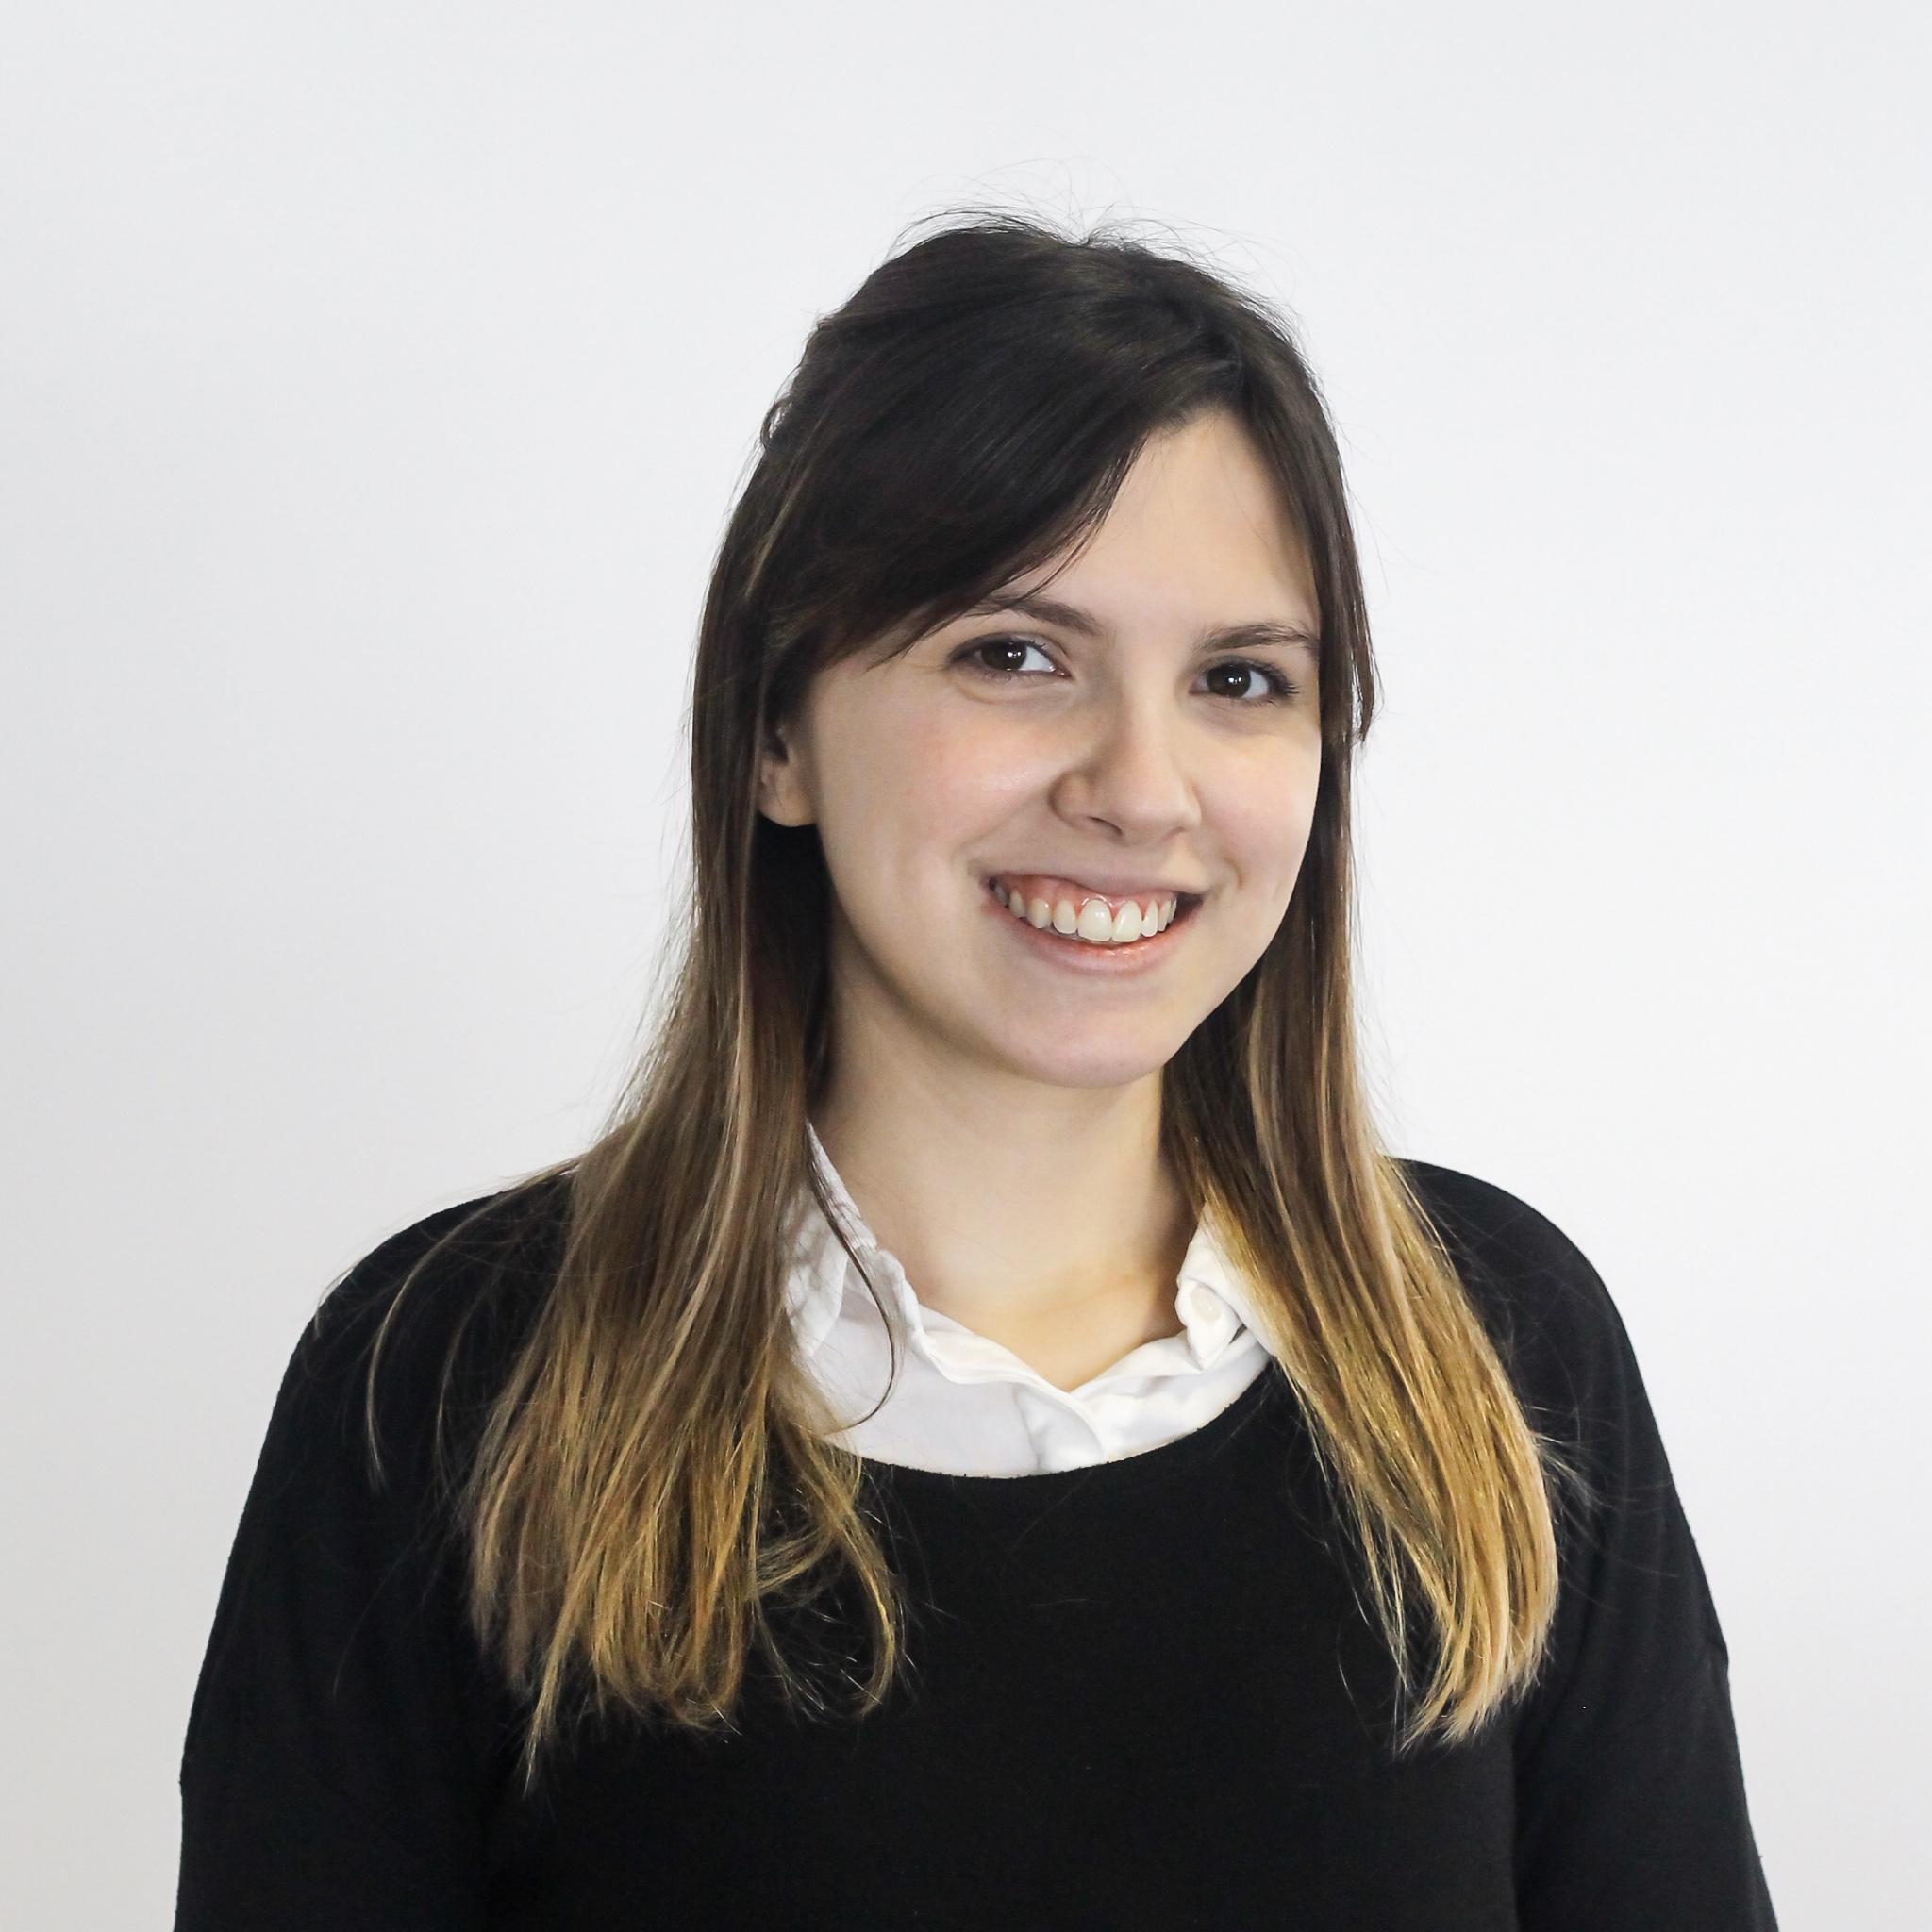 Julieta Couselo